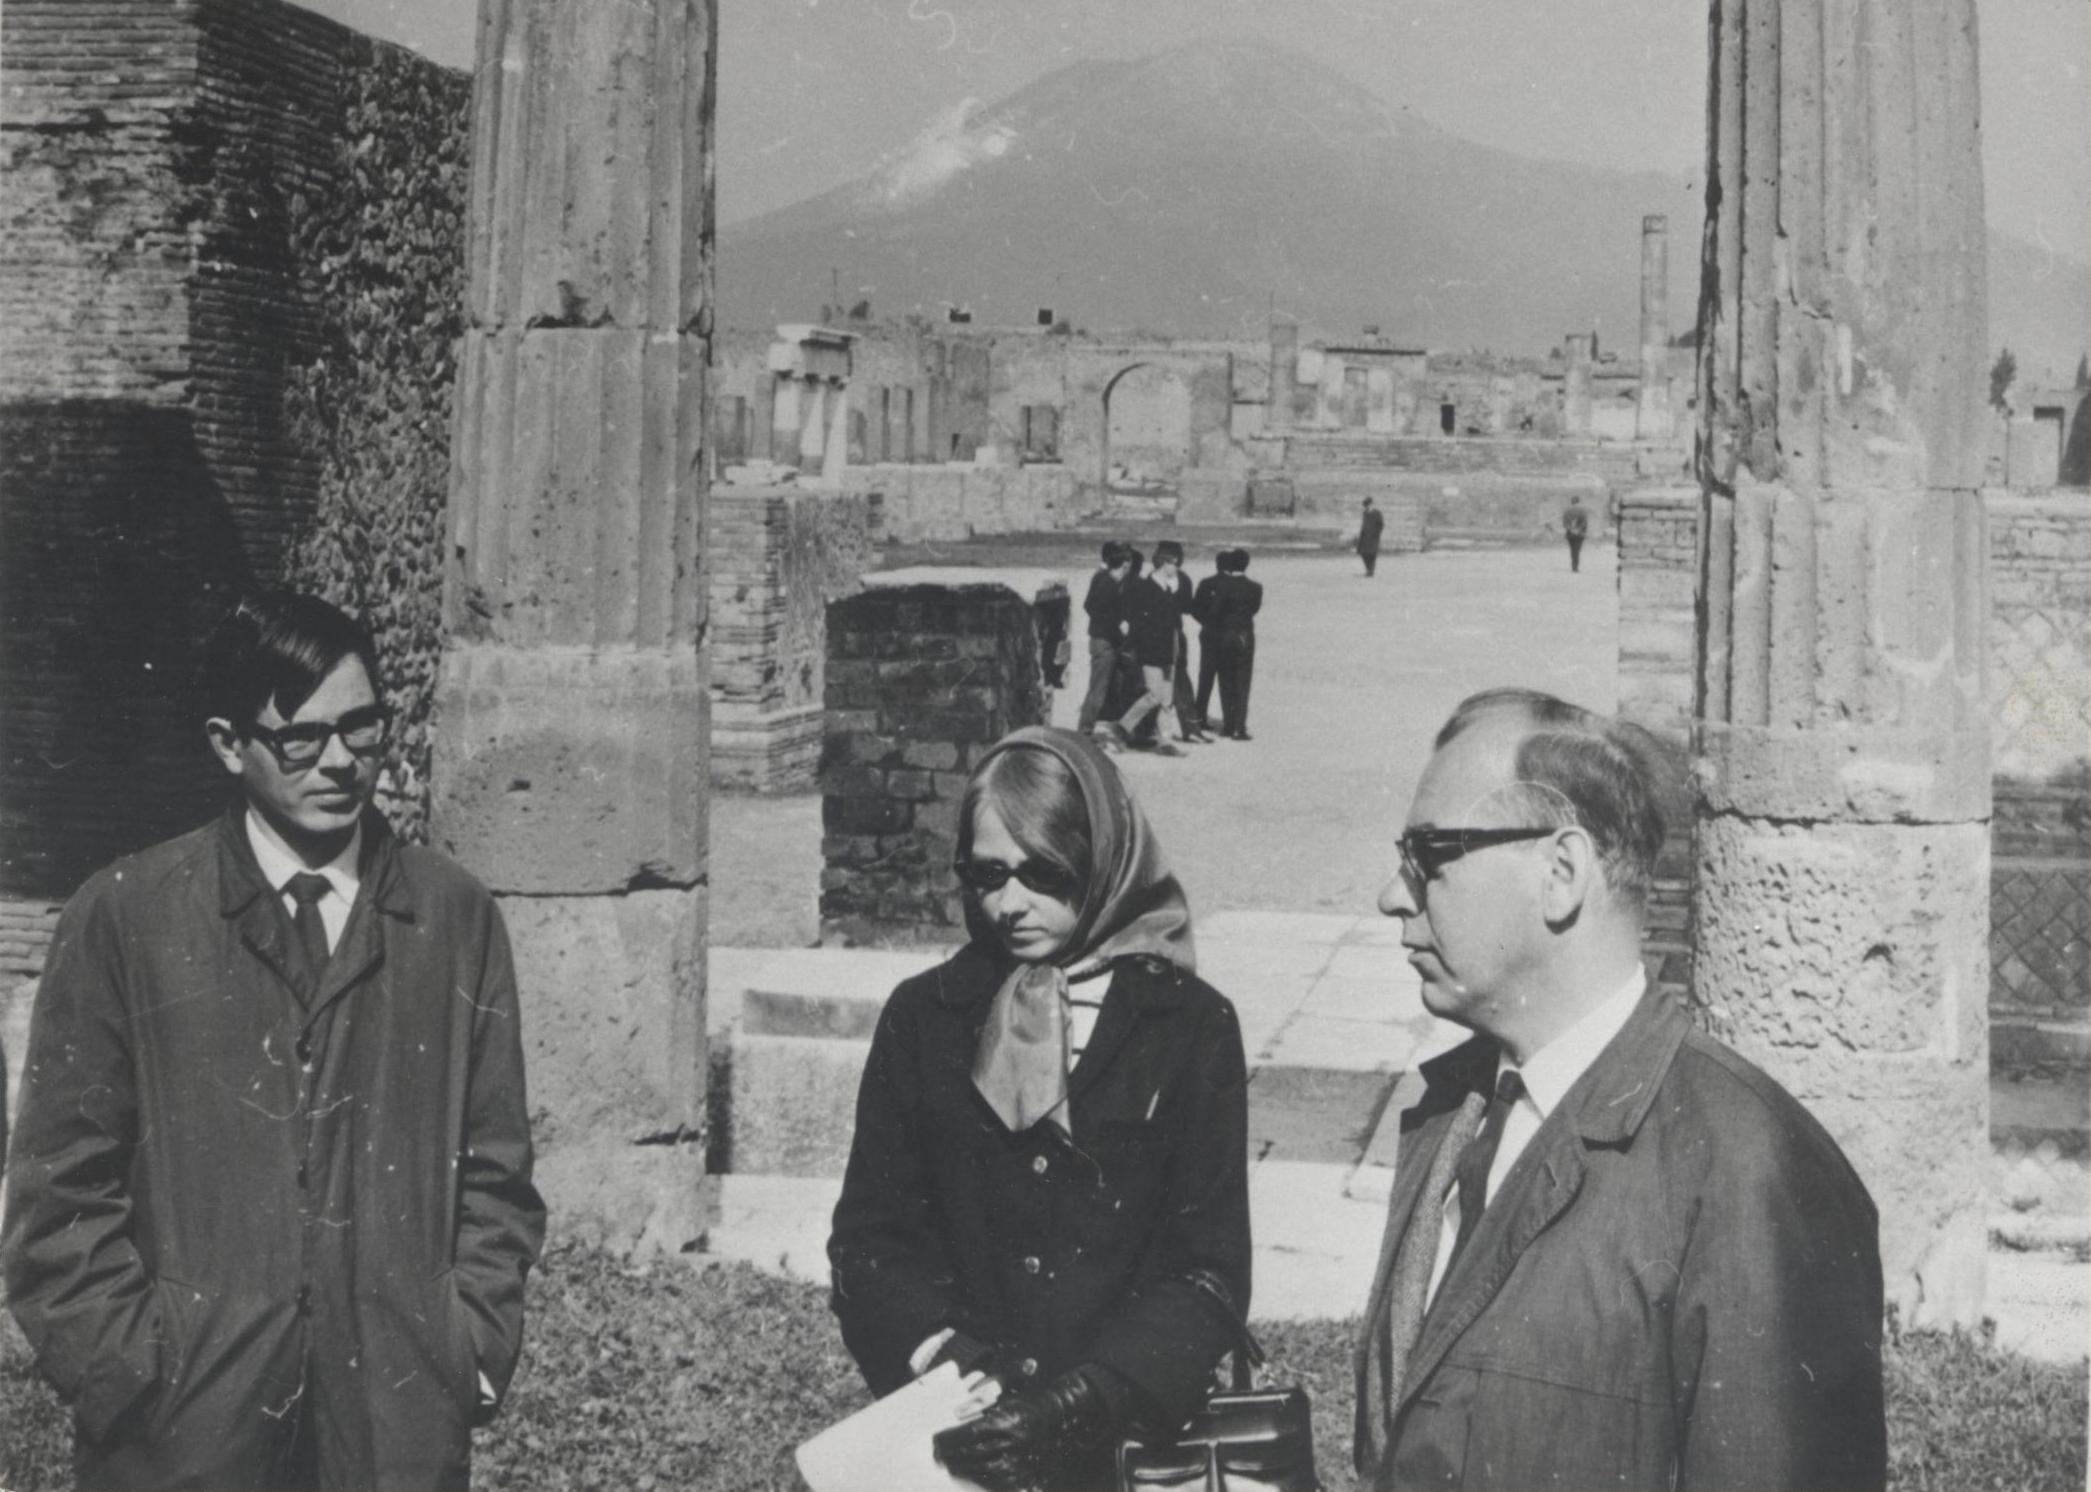 Svartvit bild på professor Patrick Bruun (till höger) med två studenter. I bakgrunden syns antika pelare och andra stadsruiner.